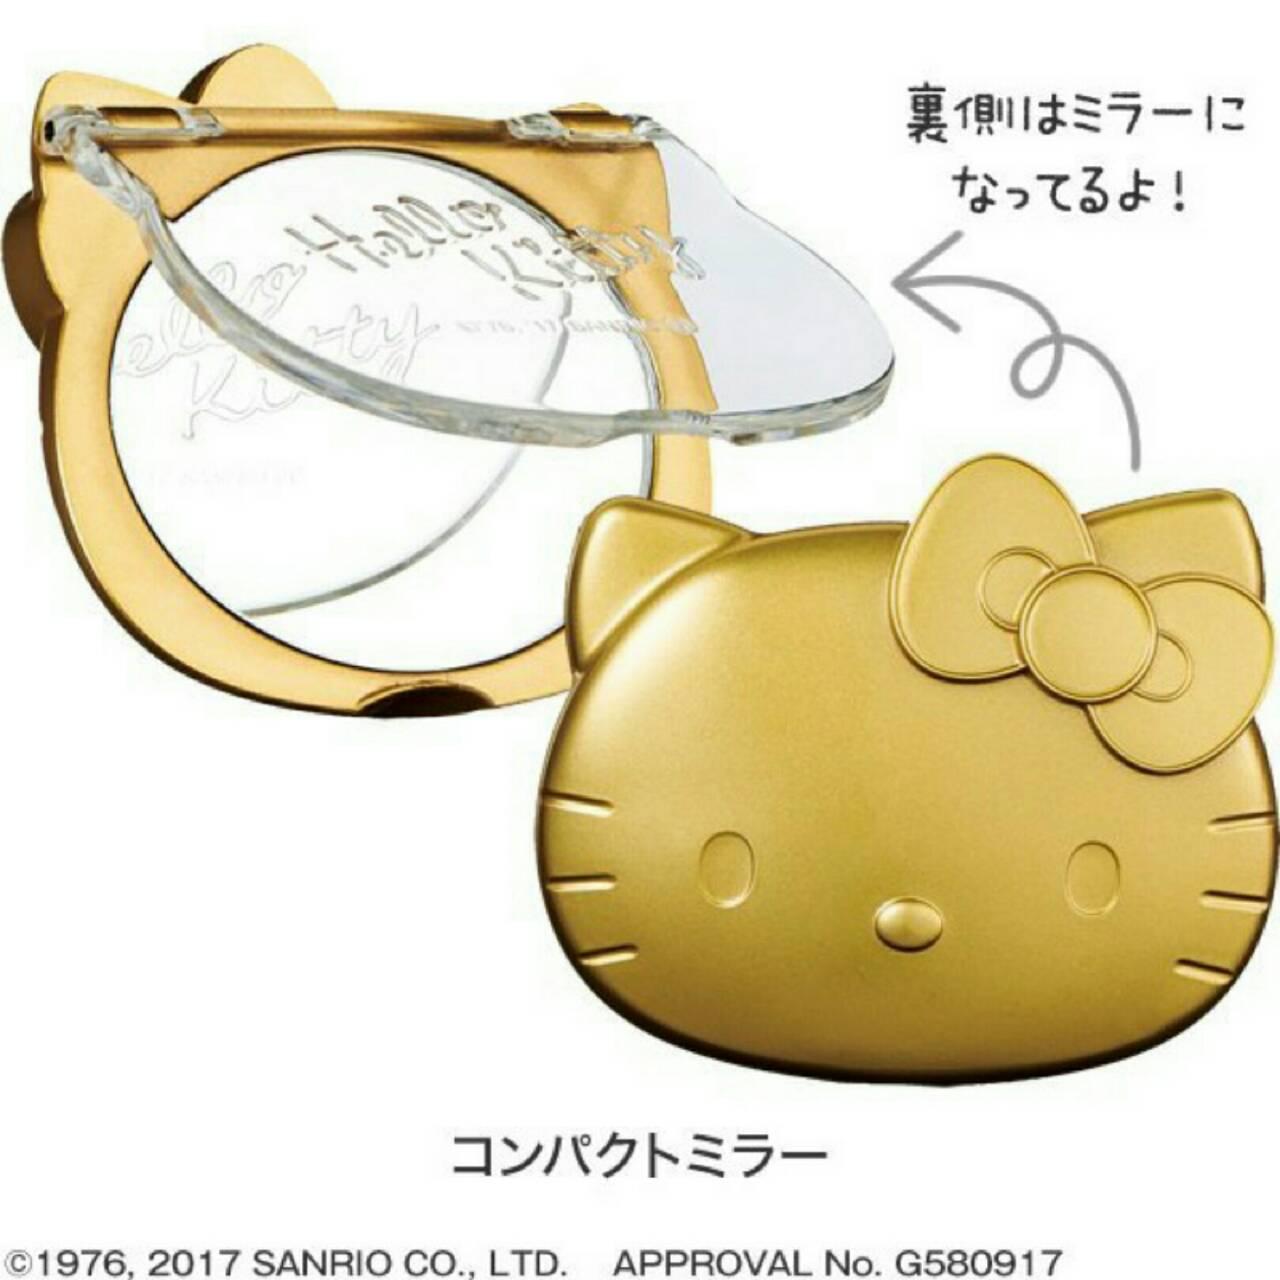 ♥絕對必收的KT夢幻禮盒組♥ 日本DHC限定 x Hello Kitty 人氣熱銷產品組合 橄欖護膚套組 ( 潔顏油、潔顏皂、化妝 ...